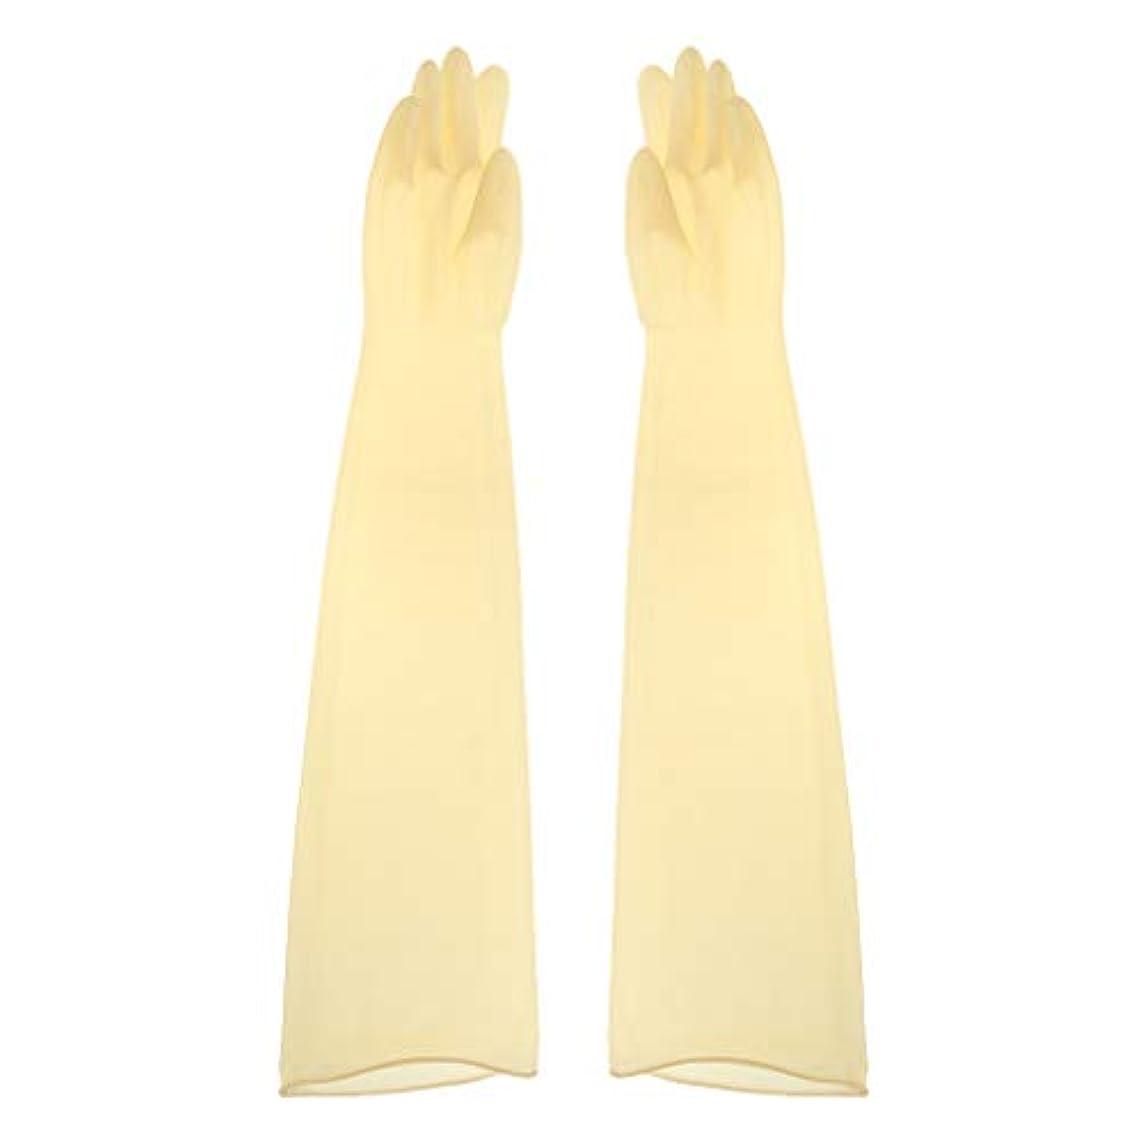 クラッシュ彫刻韓国ゴム手袋 ロング 70cm 耐薬品性 酸?アルカリに強い手袋 ラテックス手袋 1ペア - 700x160x0.8mm